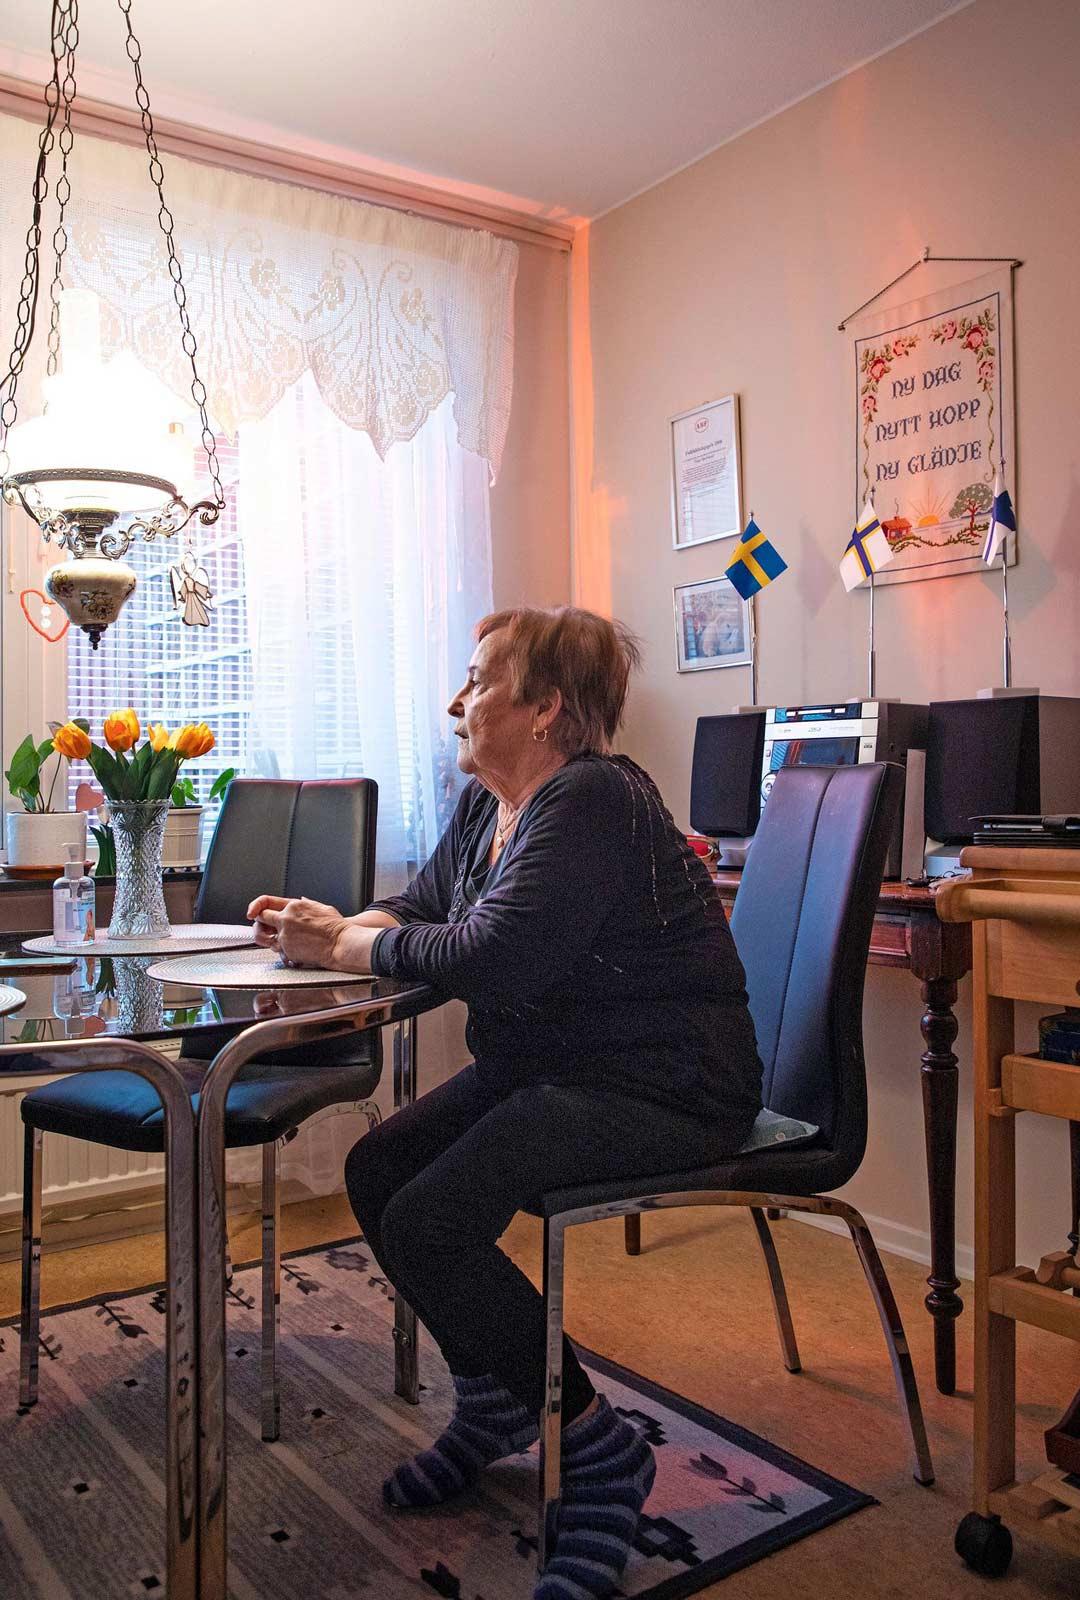 Tulkkina ja suomenopettajana työskennellyt Taimi Björklund on nykyisin aktiivi suomalaiseläkeläisten järjestössä. - Perusterveys on kantaruotsalaisia heikompi jo kuusikymppisillä, kun on tehty nuoresta asti raskaita töitä.